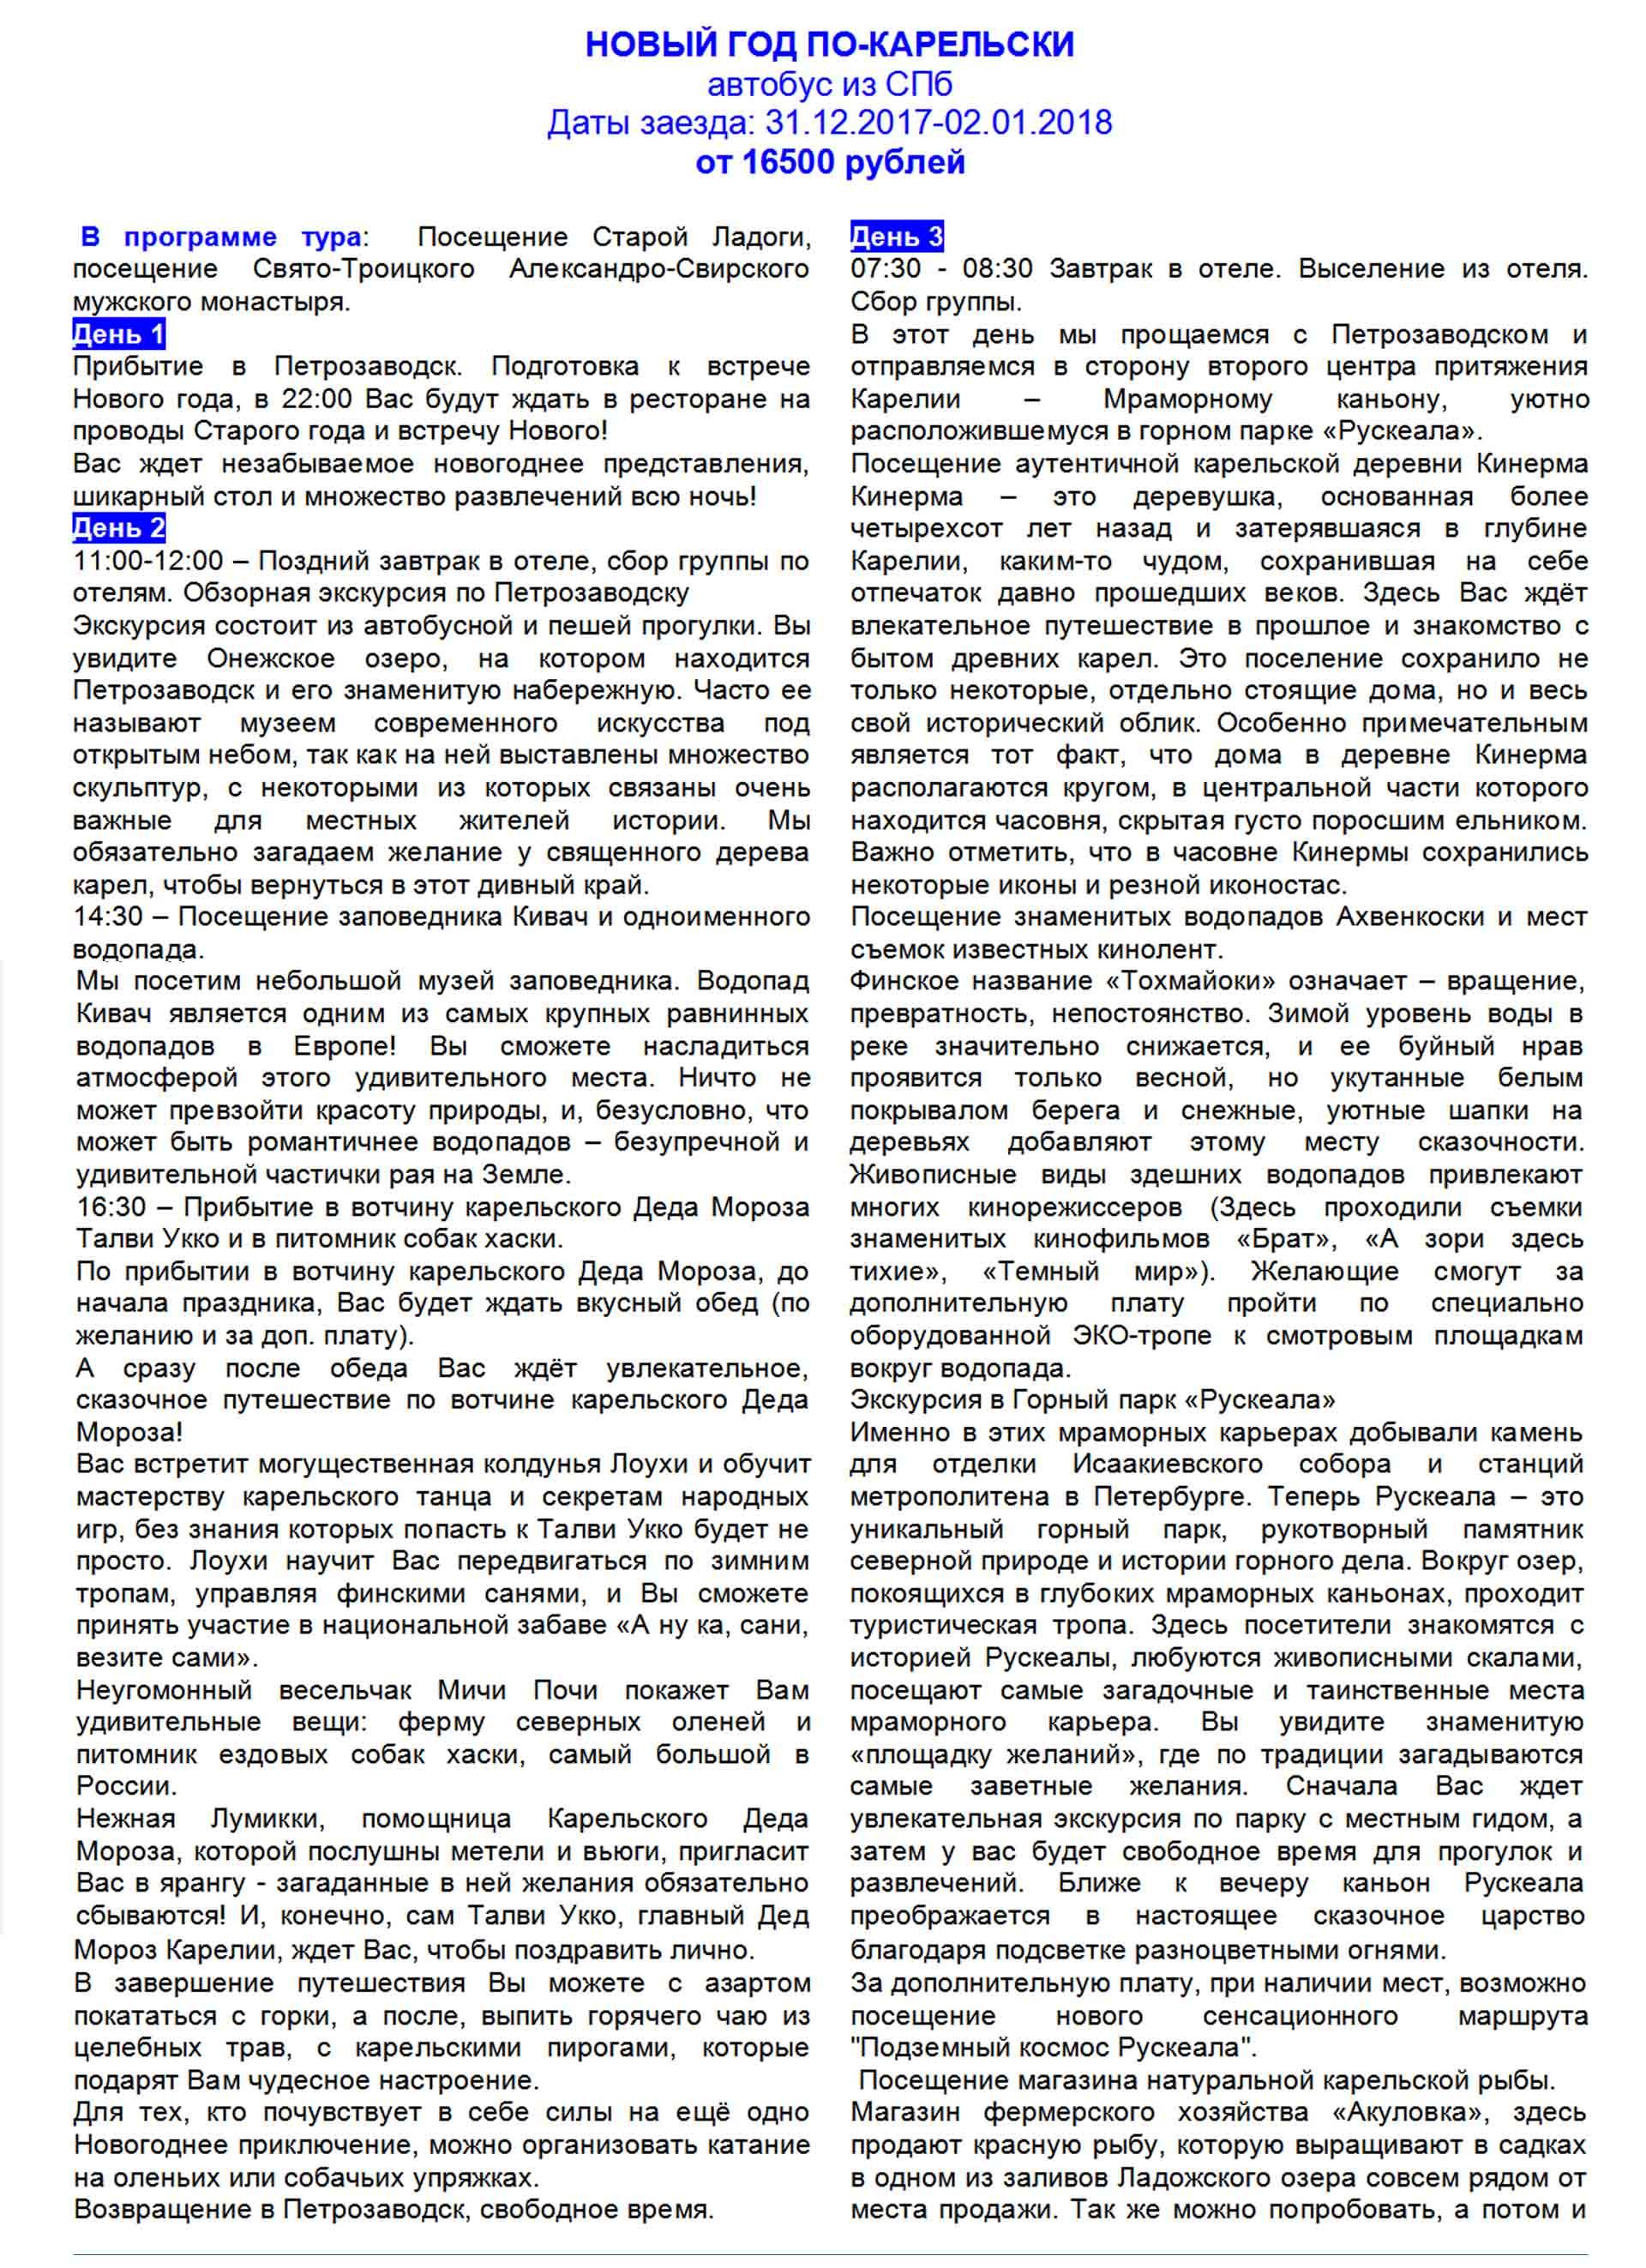 Новогодние туры в Карелию из СПб